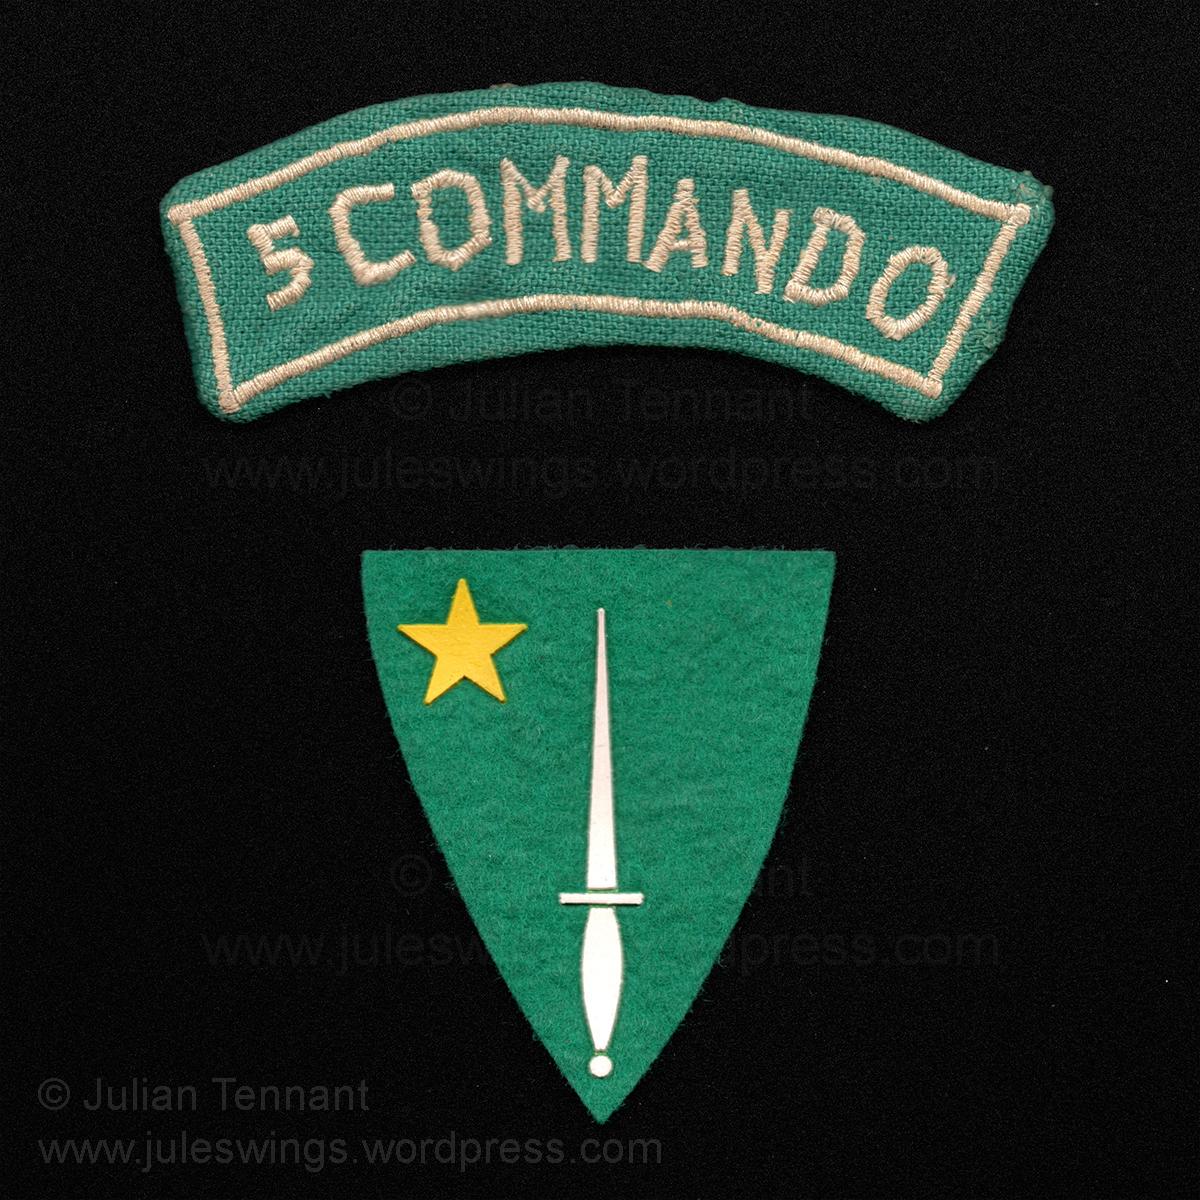 Katanga 5 Cdo and Congo cdo patch